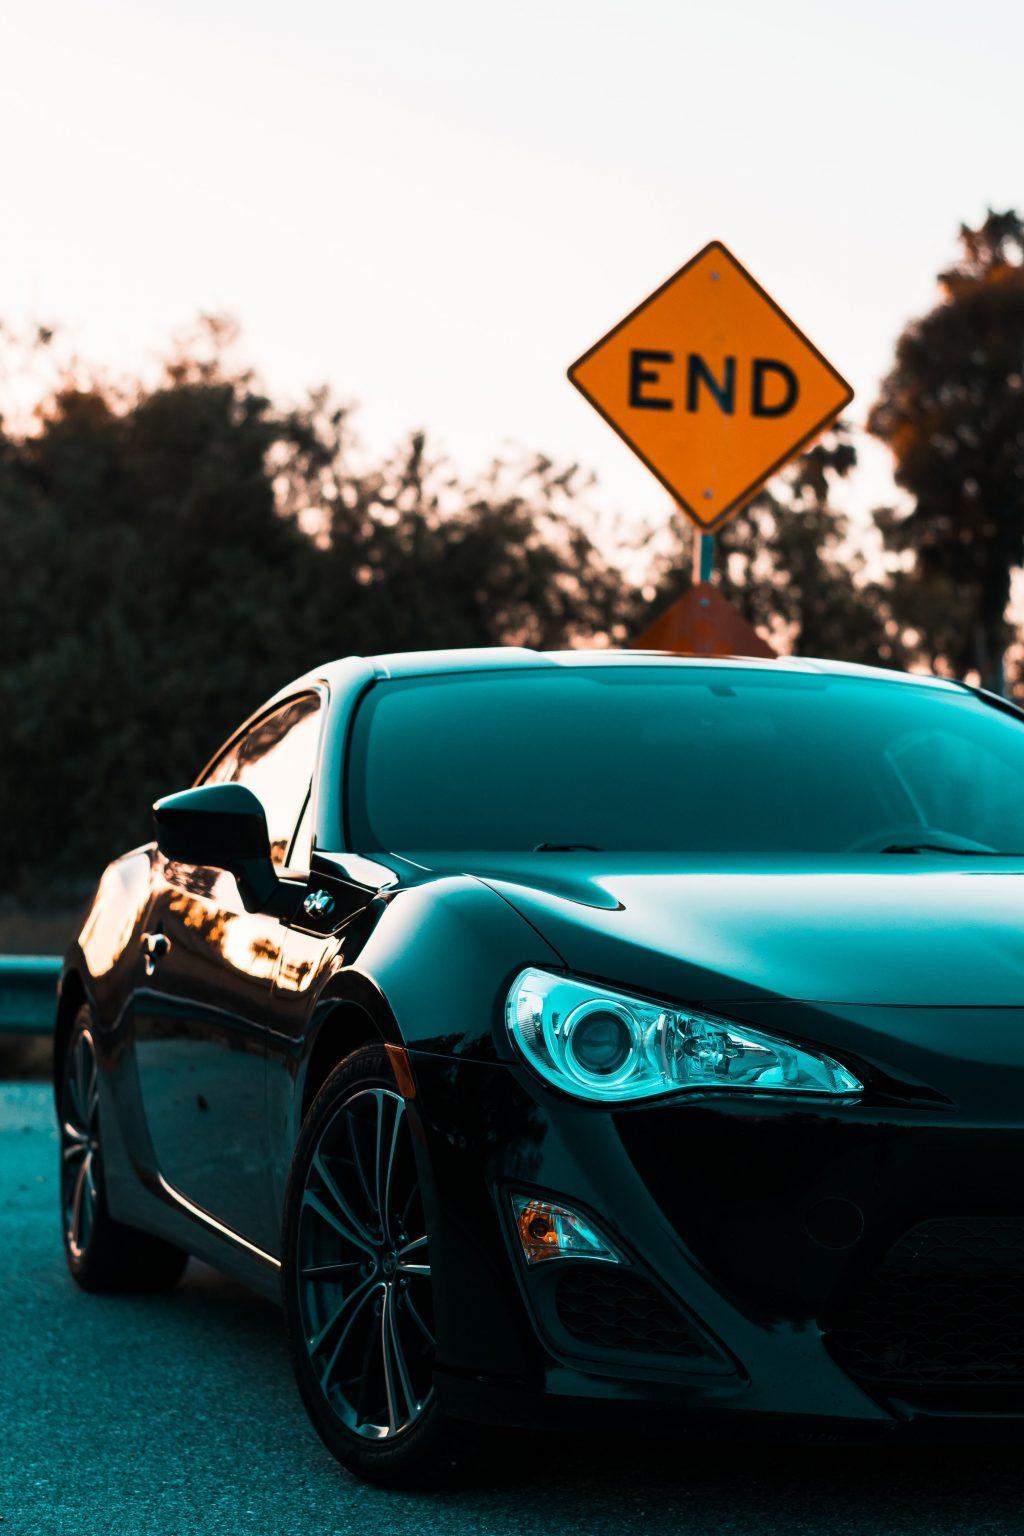 Auto forum